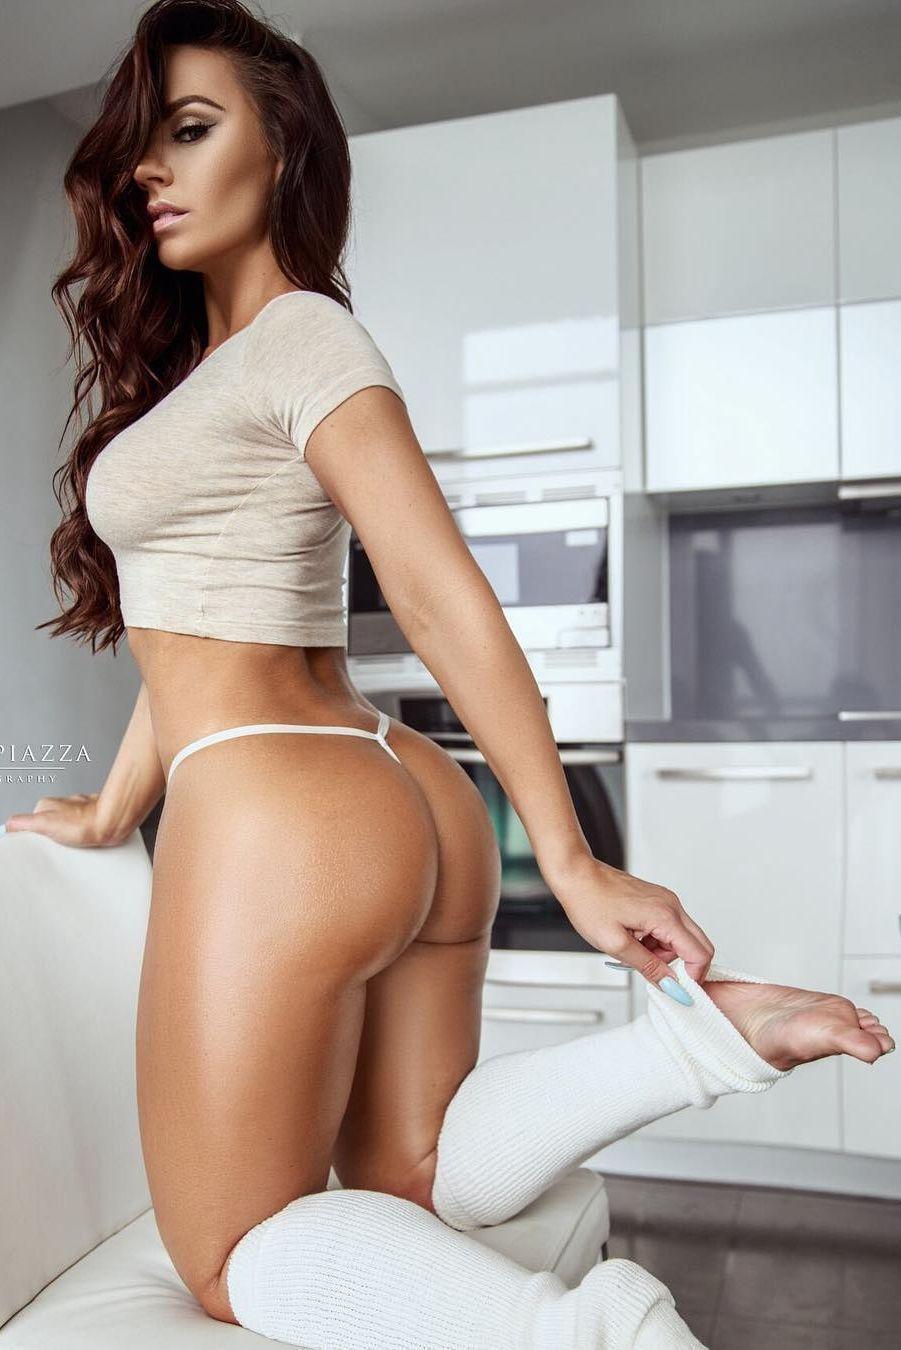 lesbian porn yube